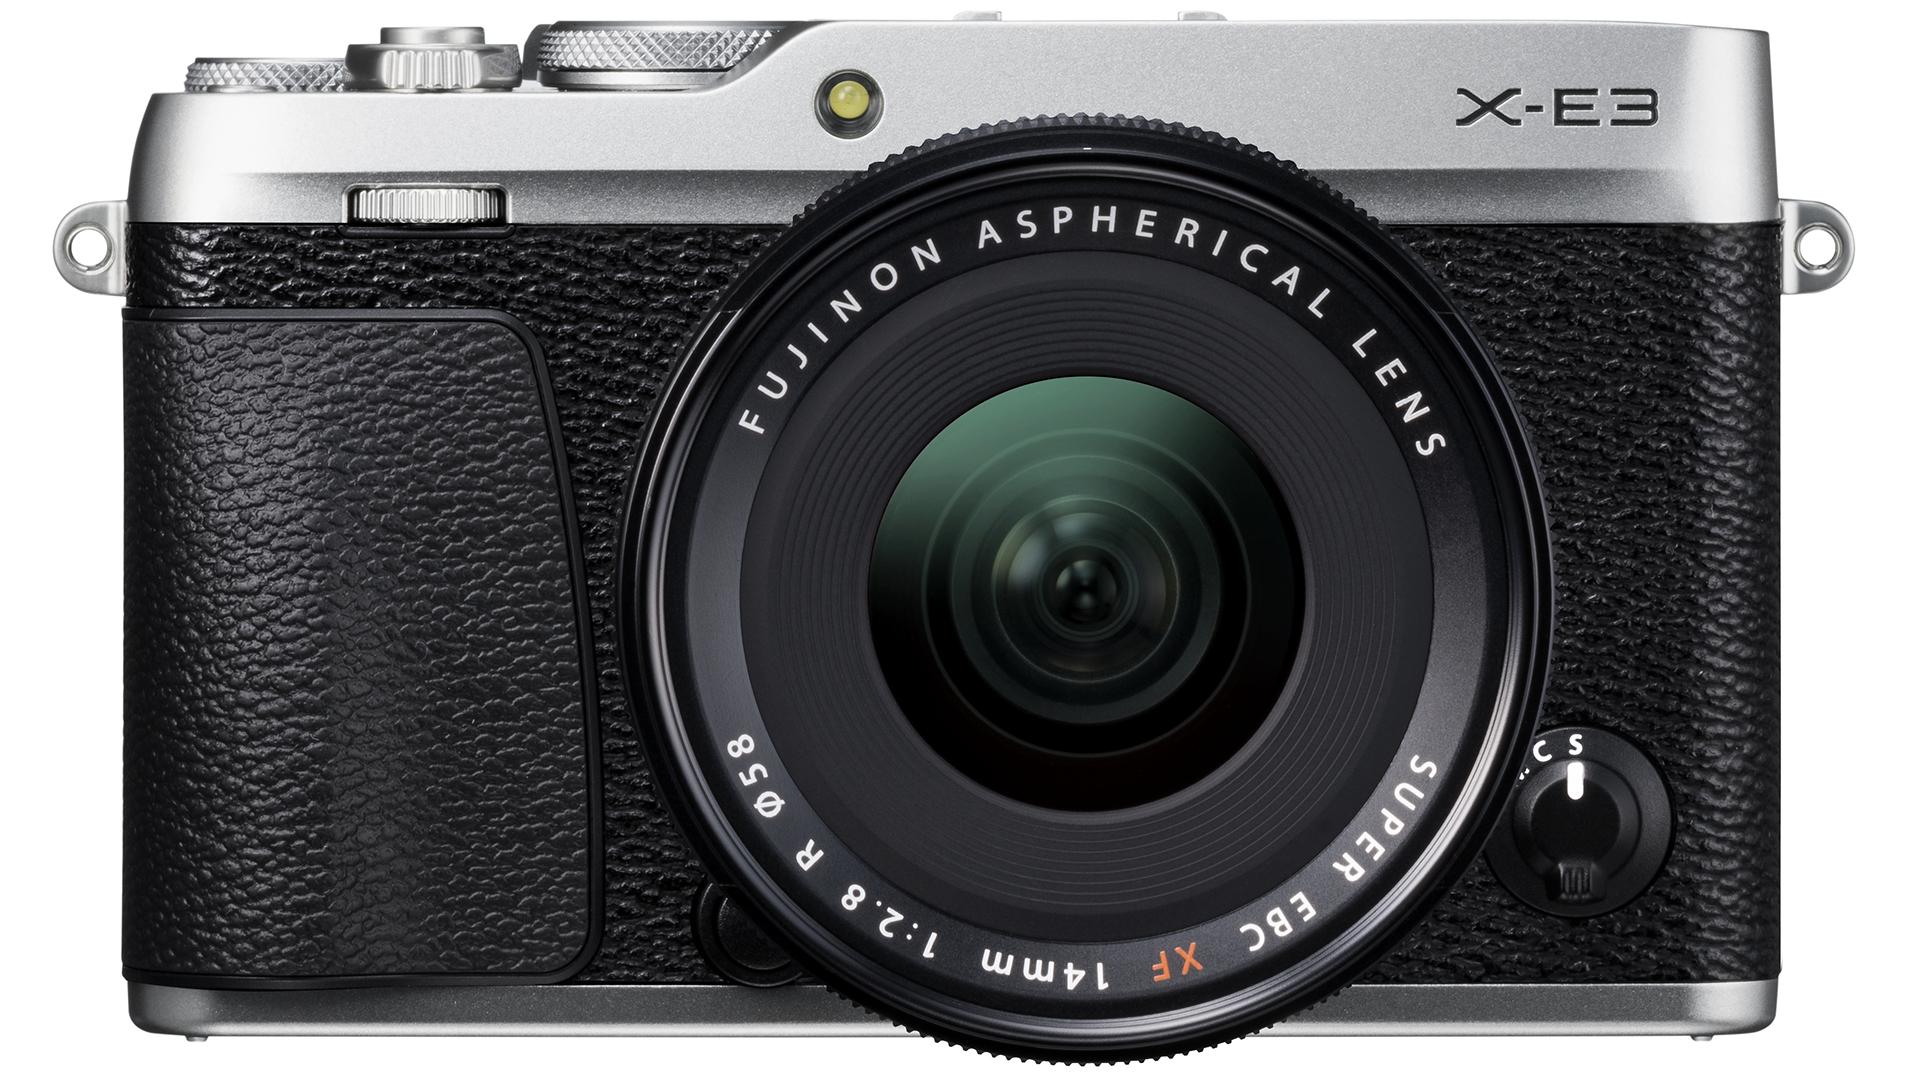 Nüüd saadaval: võimekas Fujifilm X-E3 hübriidkaamera